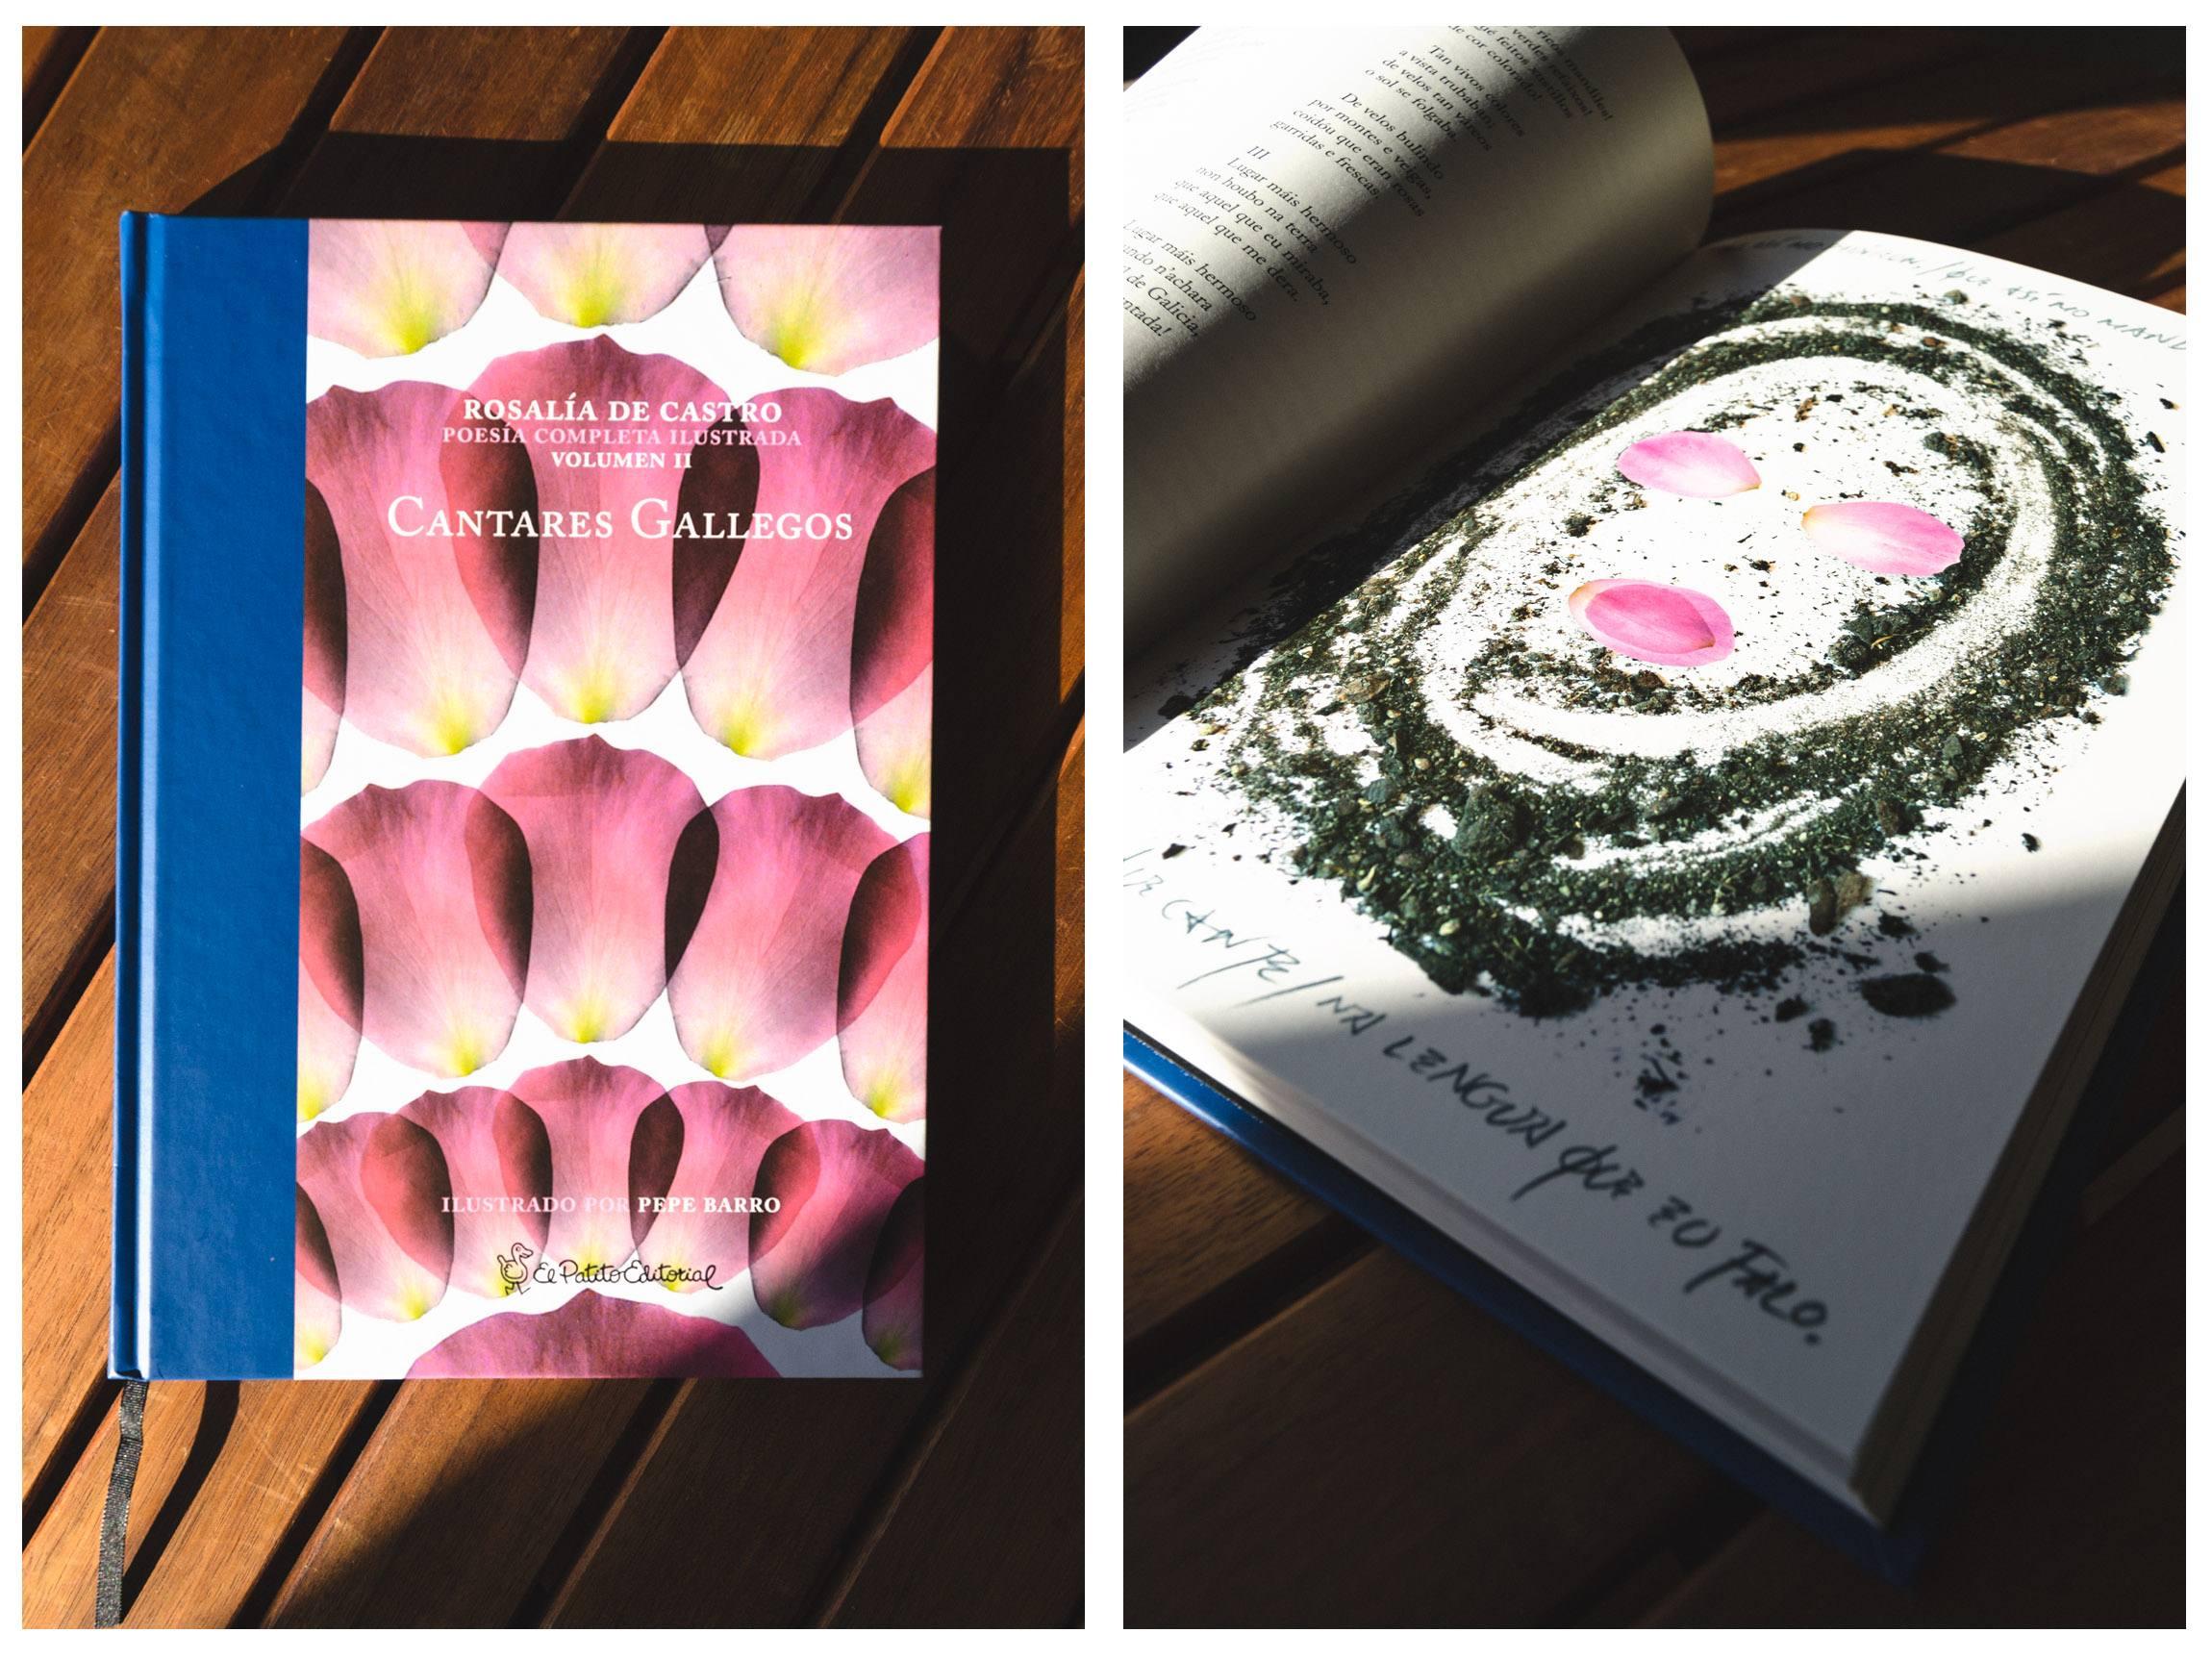 Libro Cantares Galllego - Rosalía de Castro